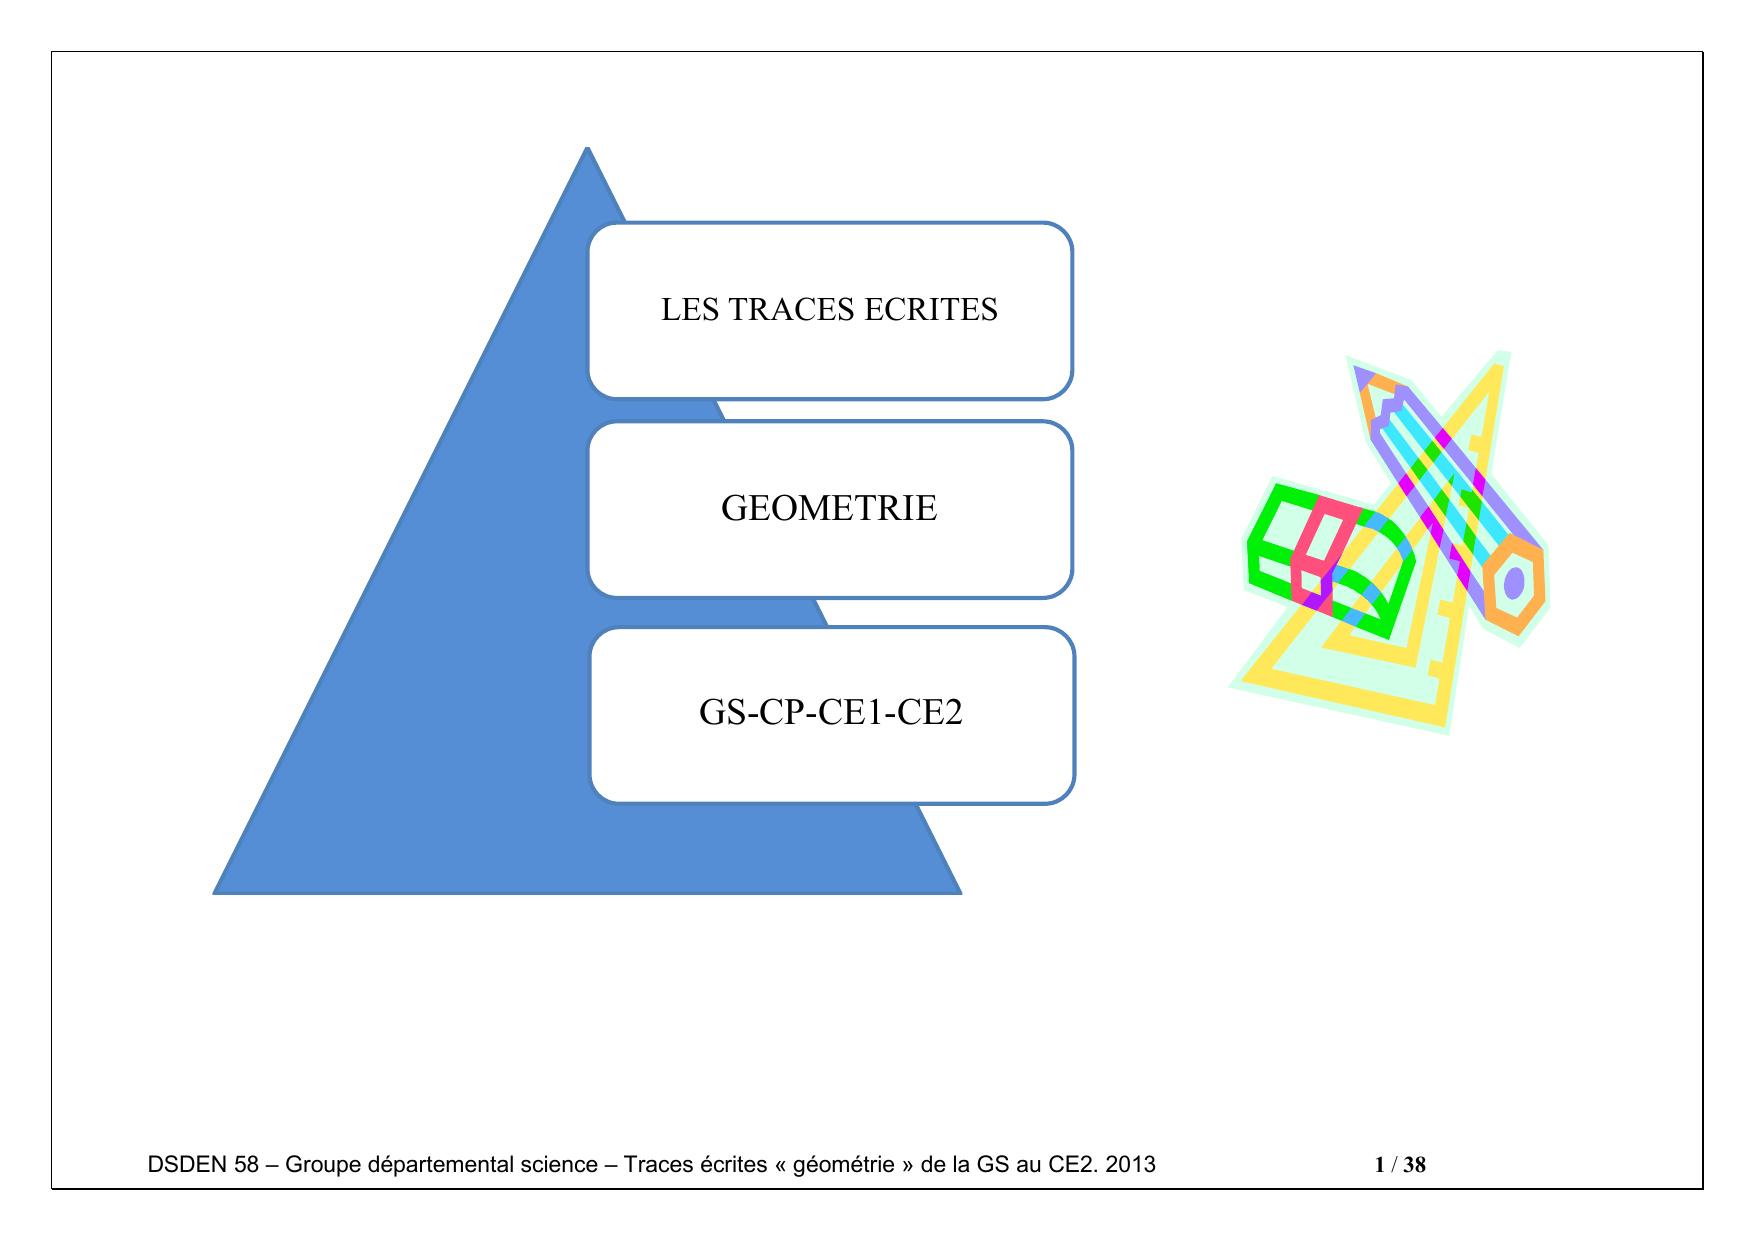 Geometrie Gs-Cp-Ce1-Ce2 - Bienvenue Sur Ariane 58 encequiconcerne Fiche Géométrie Cp